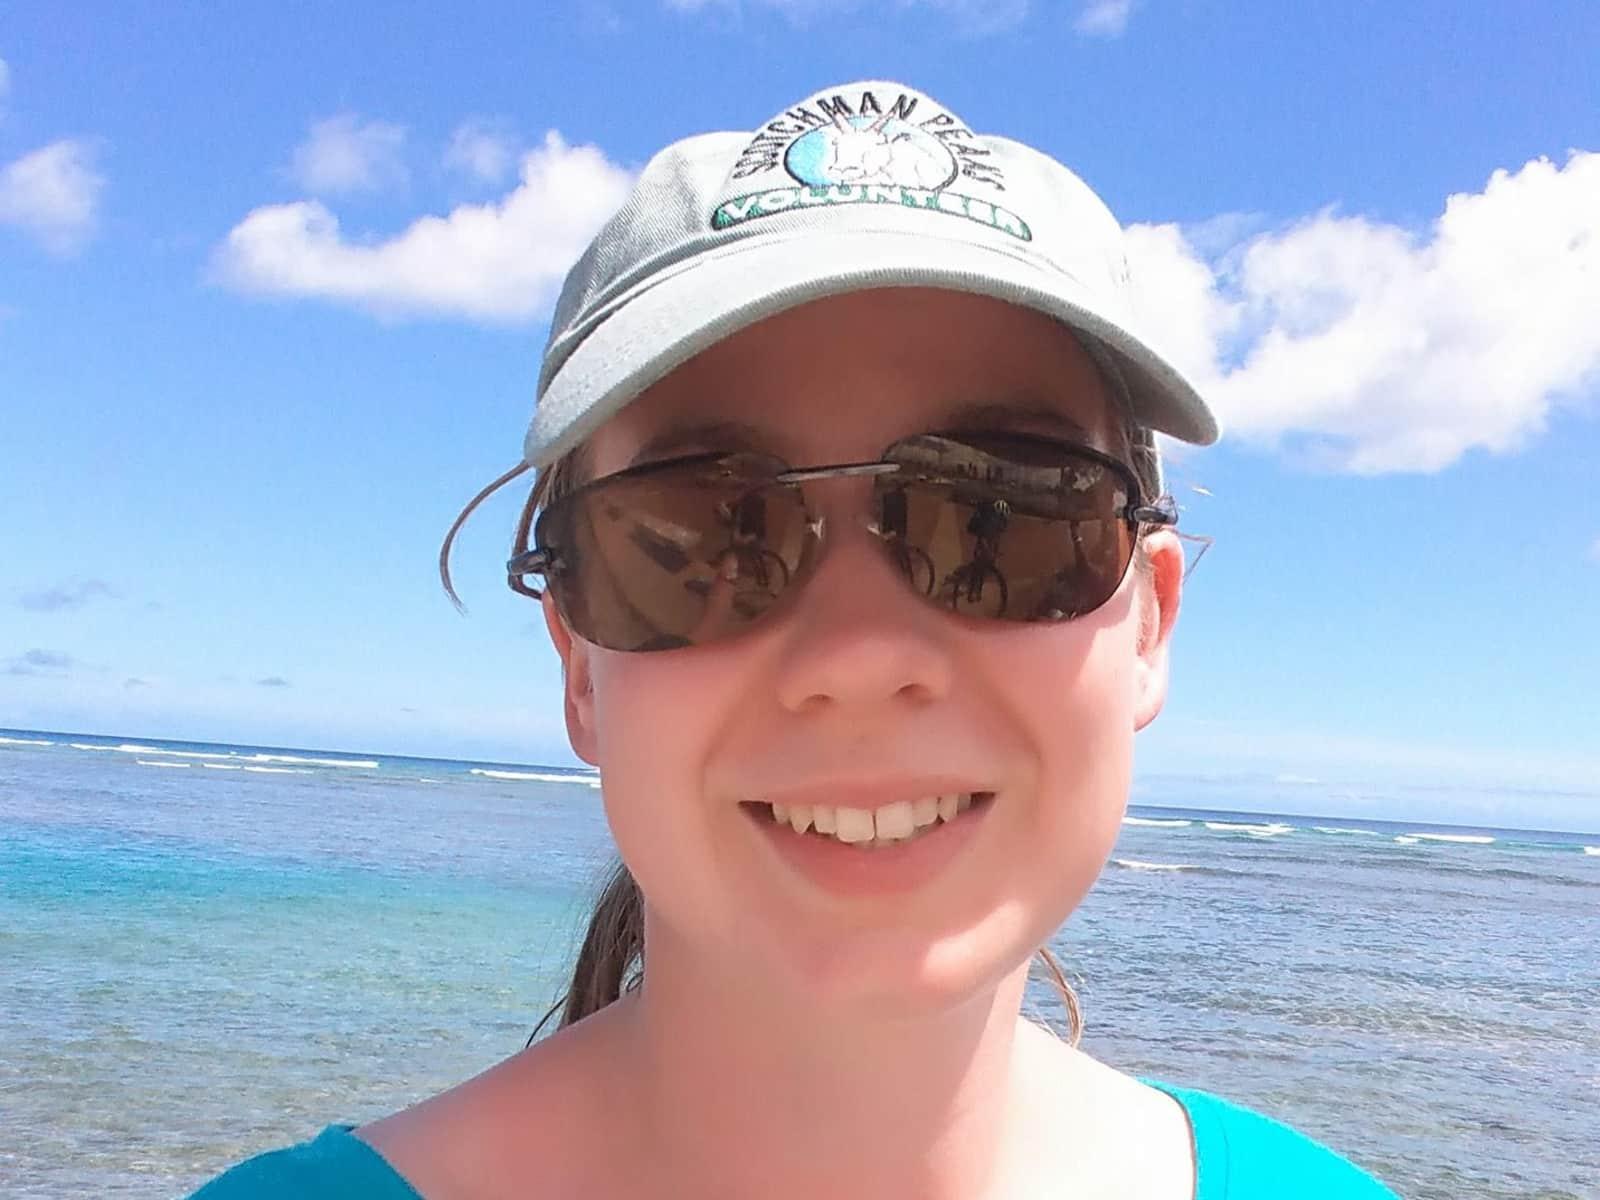 Melissa from Marysville, Washington, United States